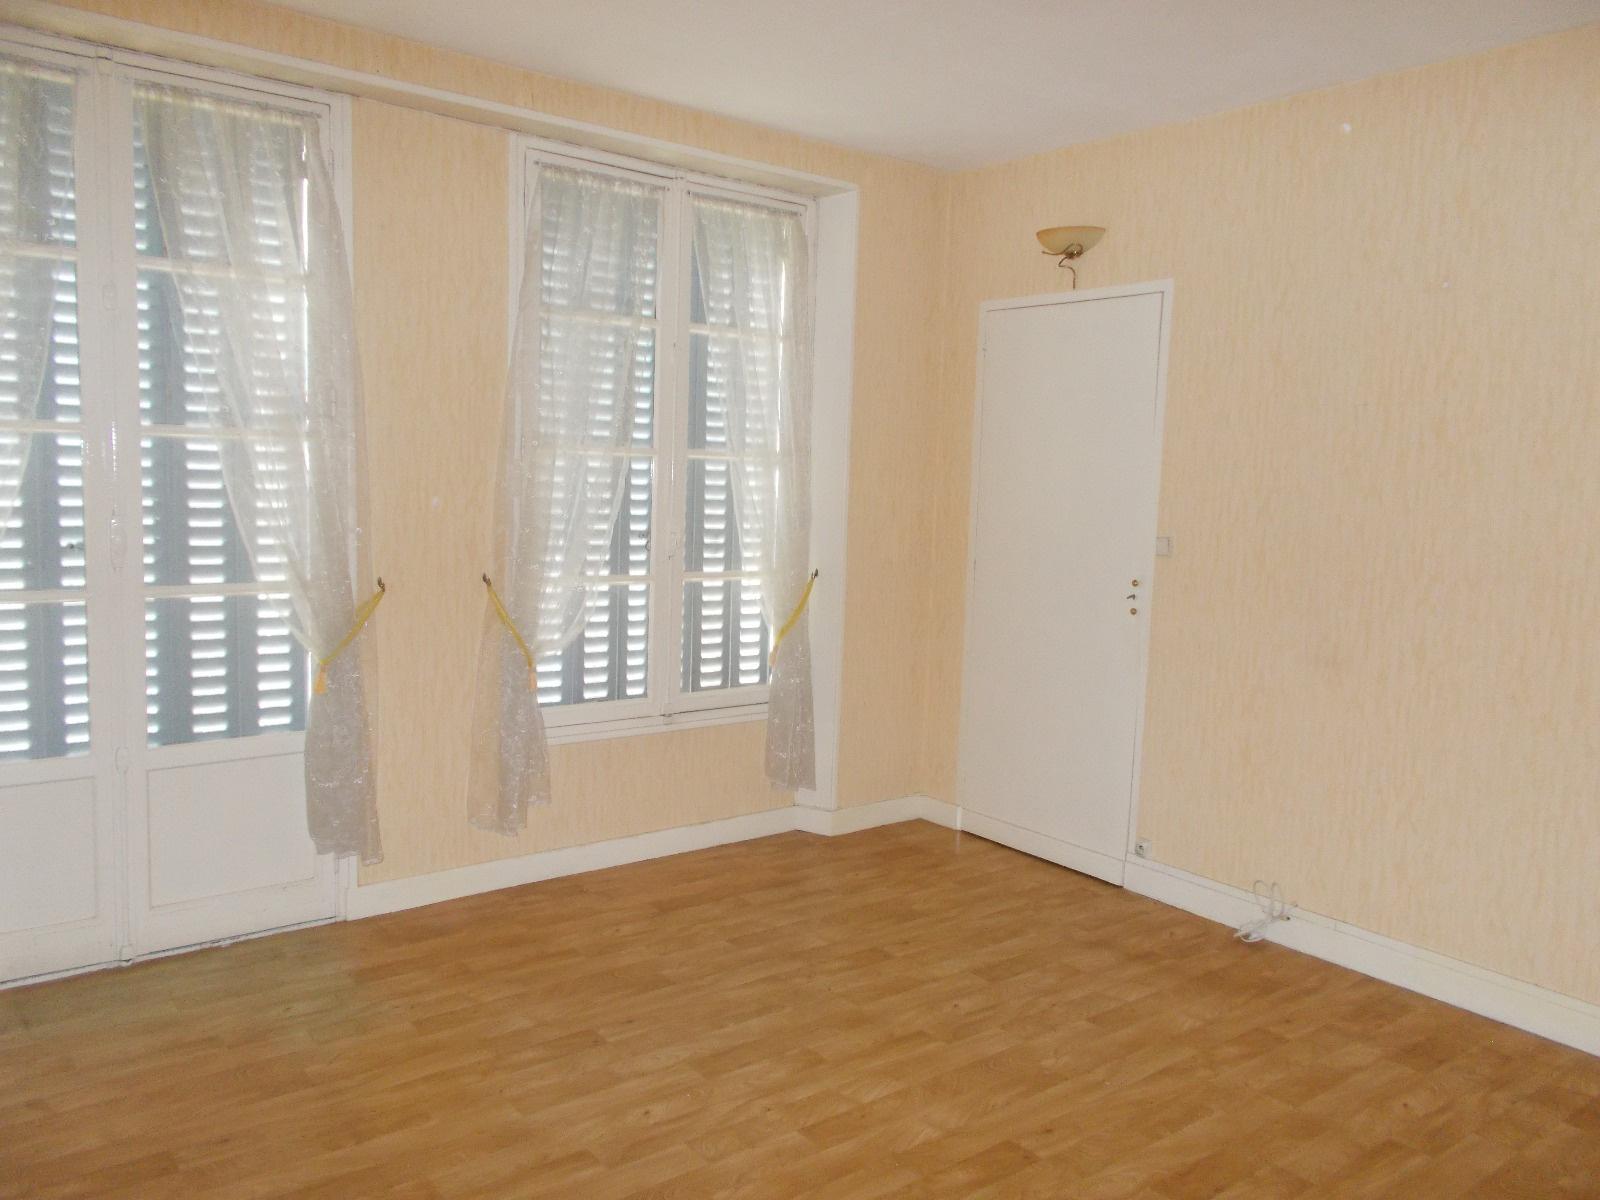 Offres de vente Appartement Tonnerre 89700